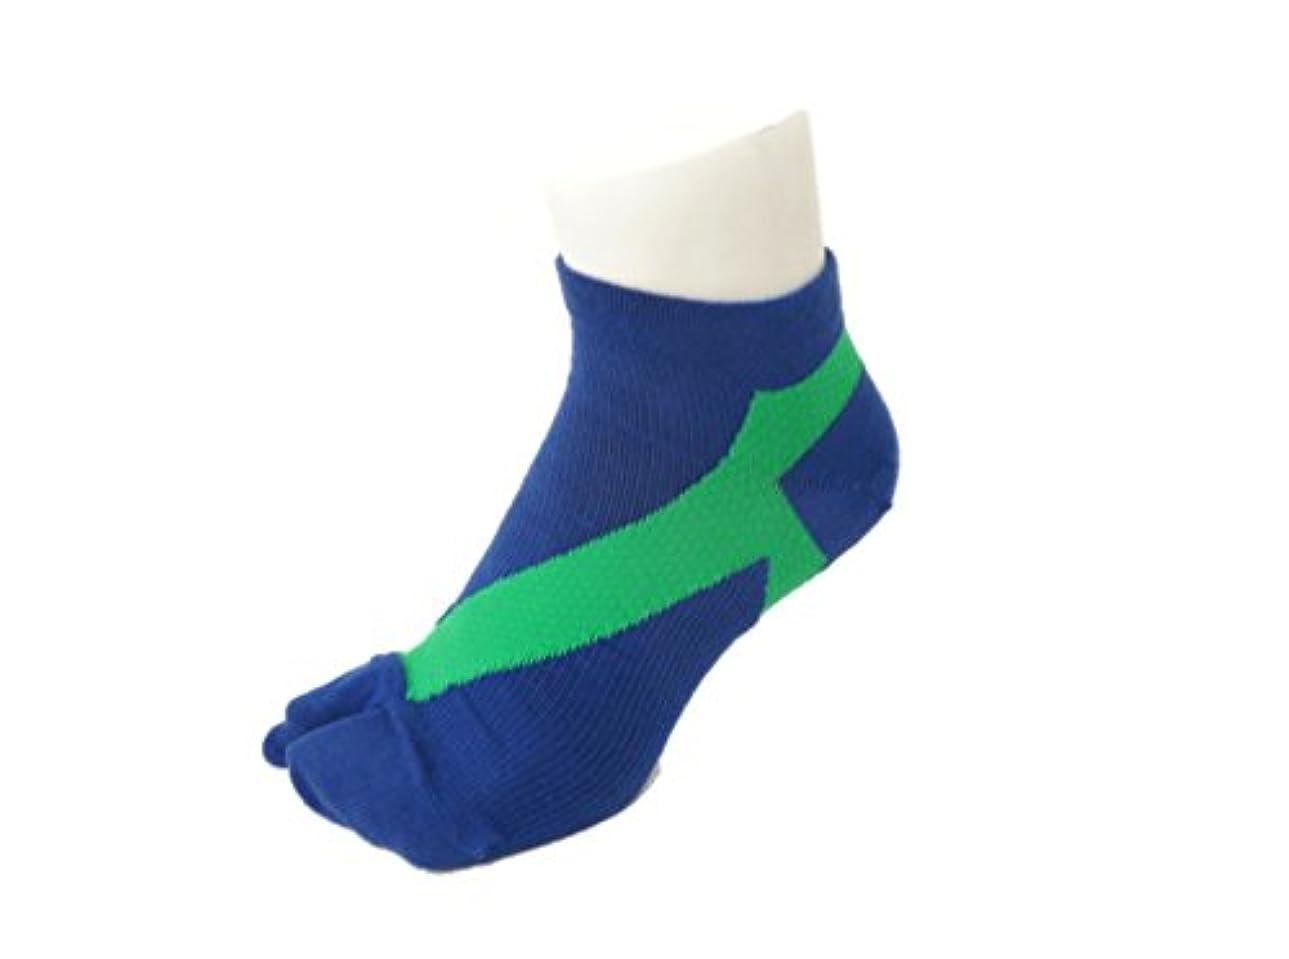 マットレスアフリカストレージさとう式 フレクサーソックス アンクル 紺緑 (S) 足袋型